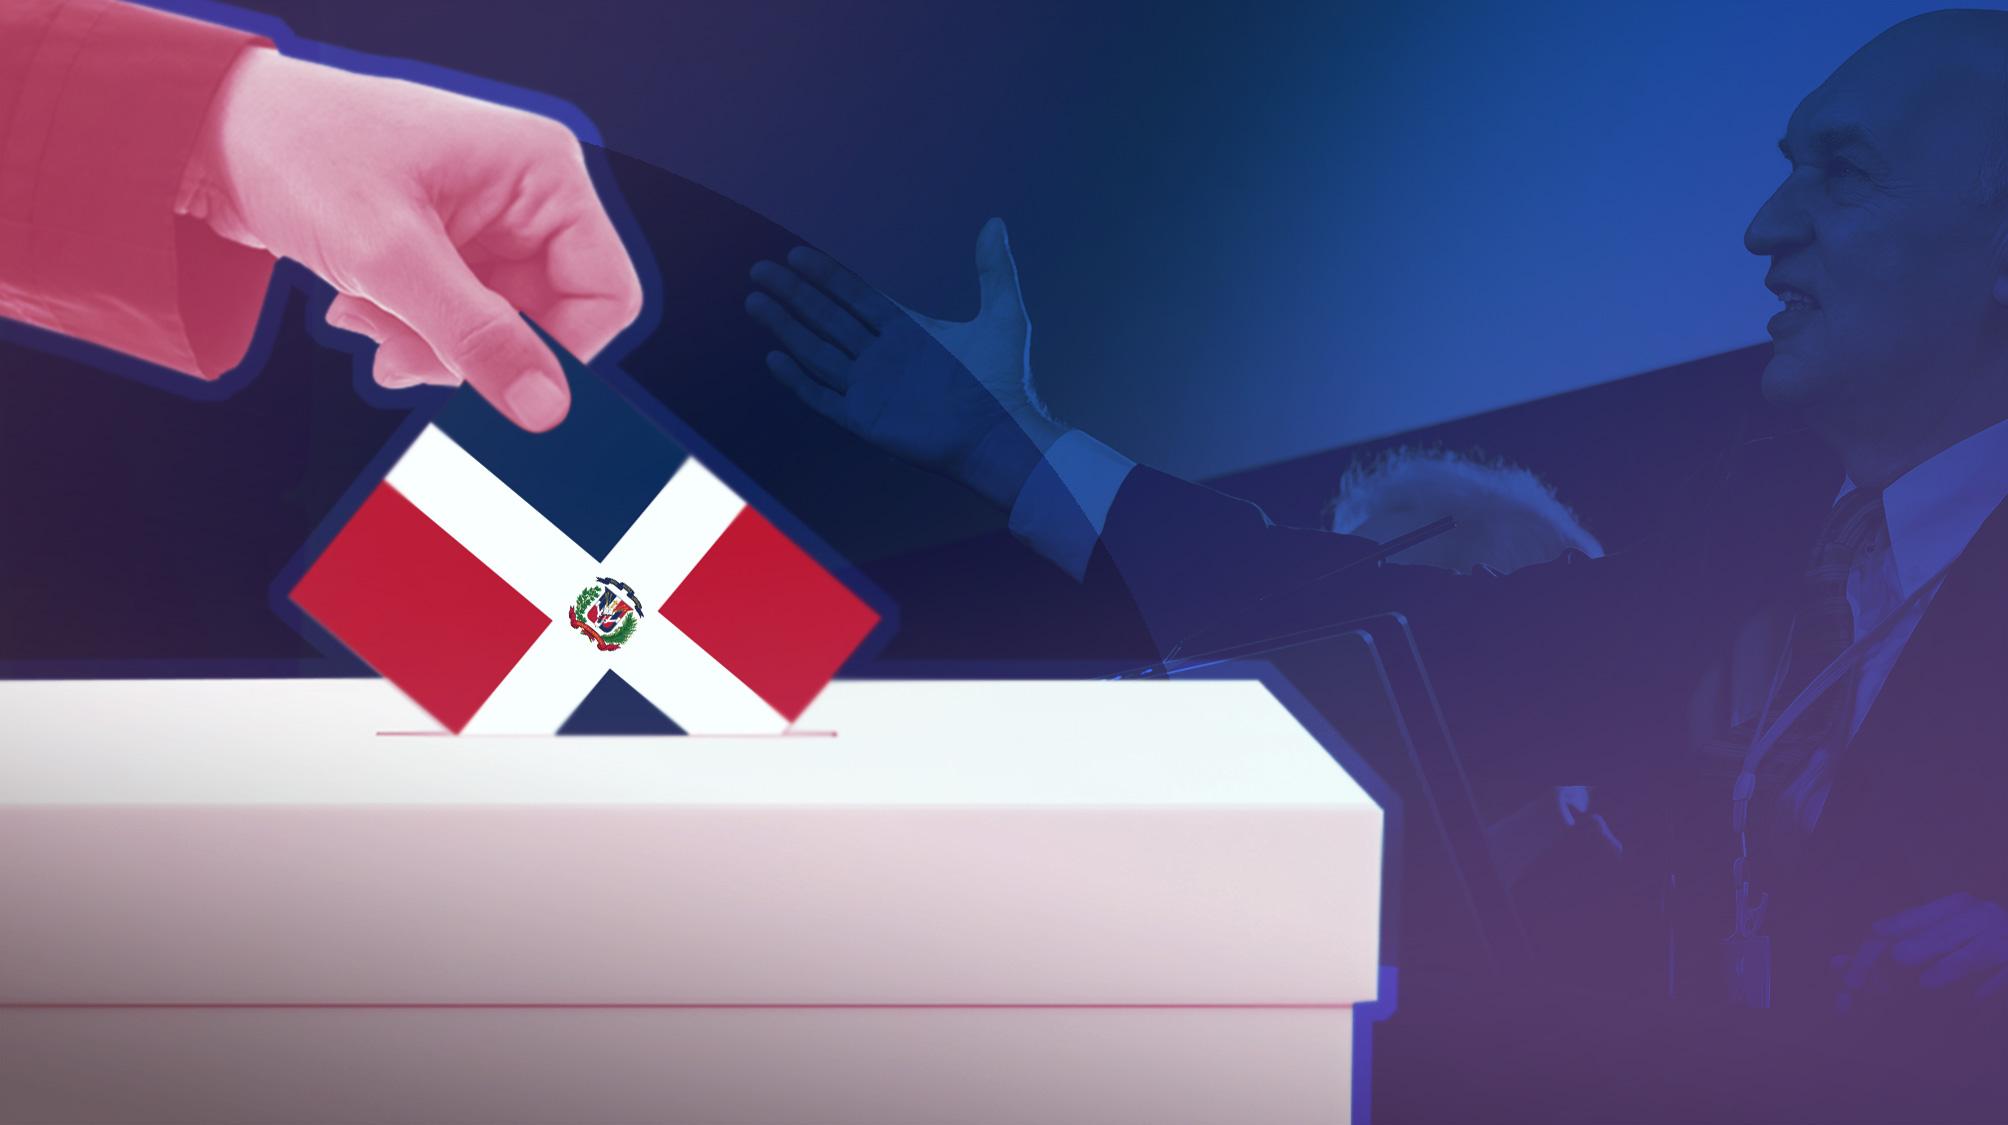 República Dominicana en un clima electoral anticipado — CELAG